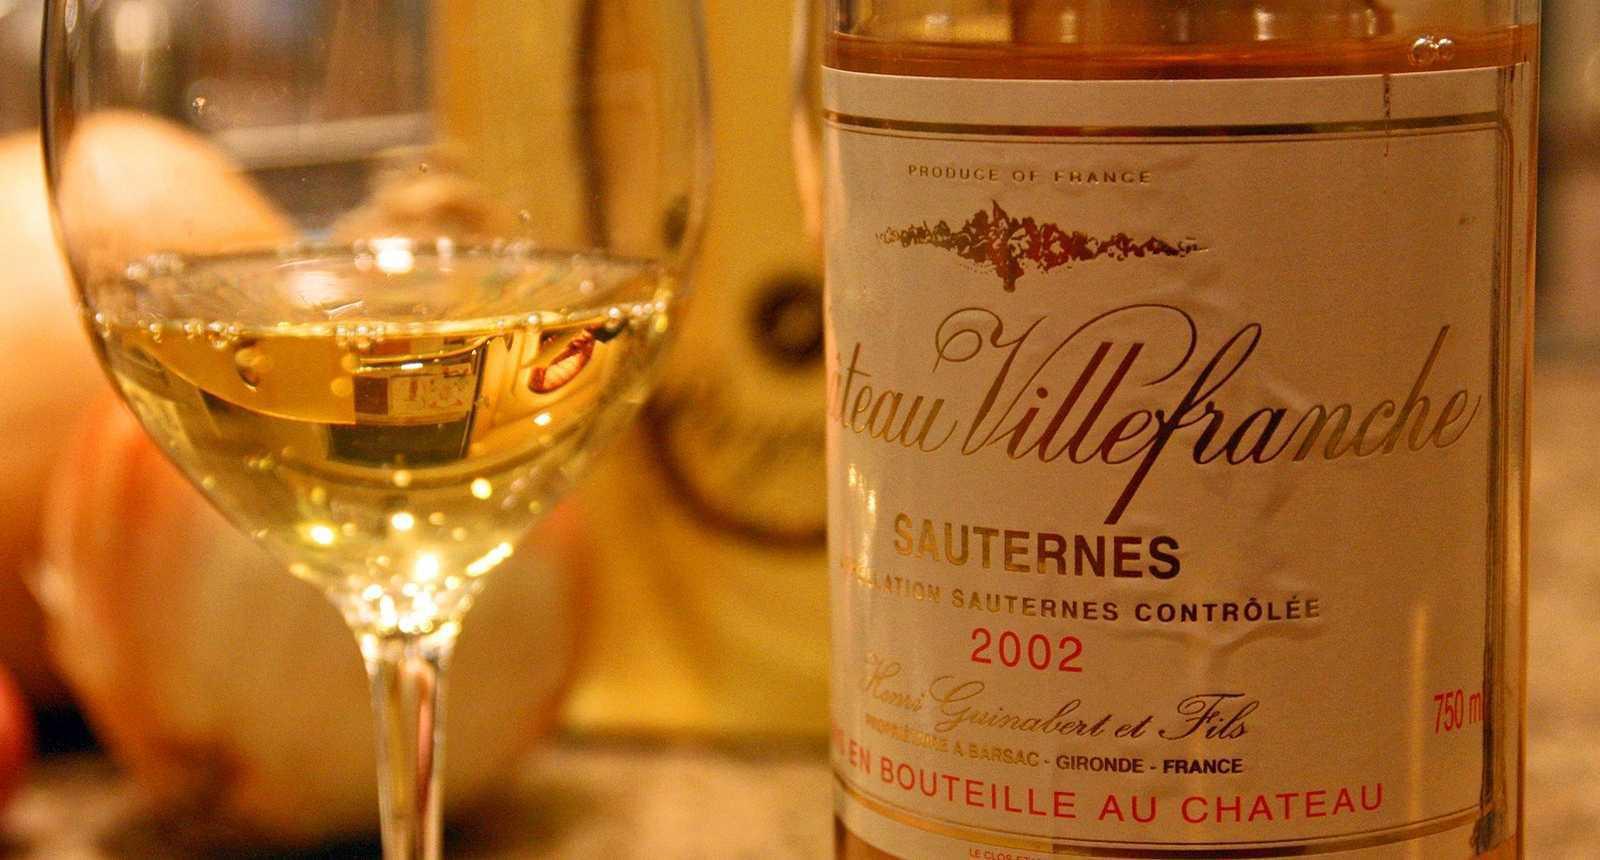 Sauternes Wine  -  image: tourisme-en-france.com